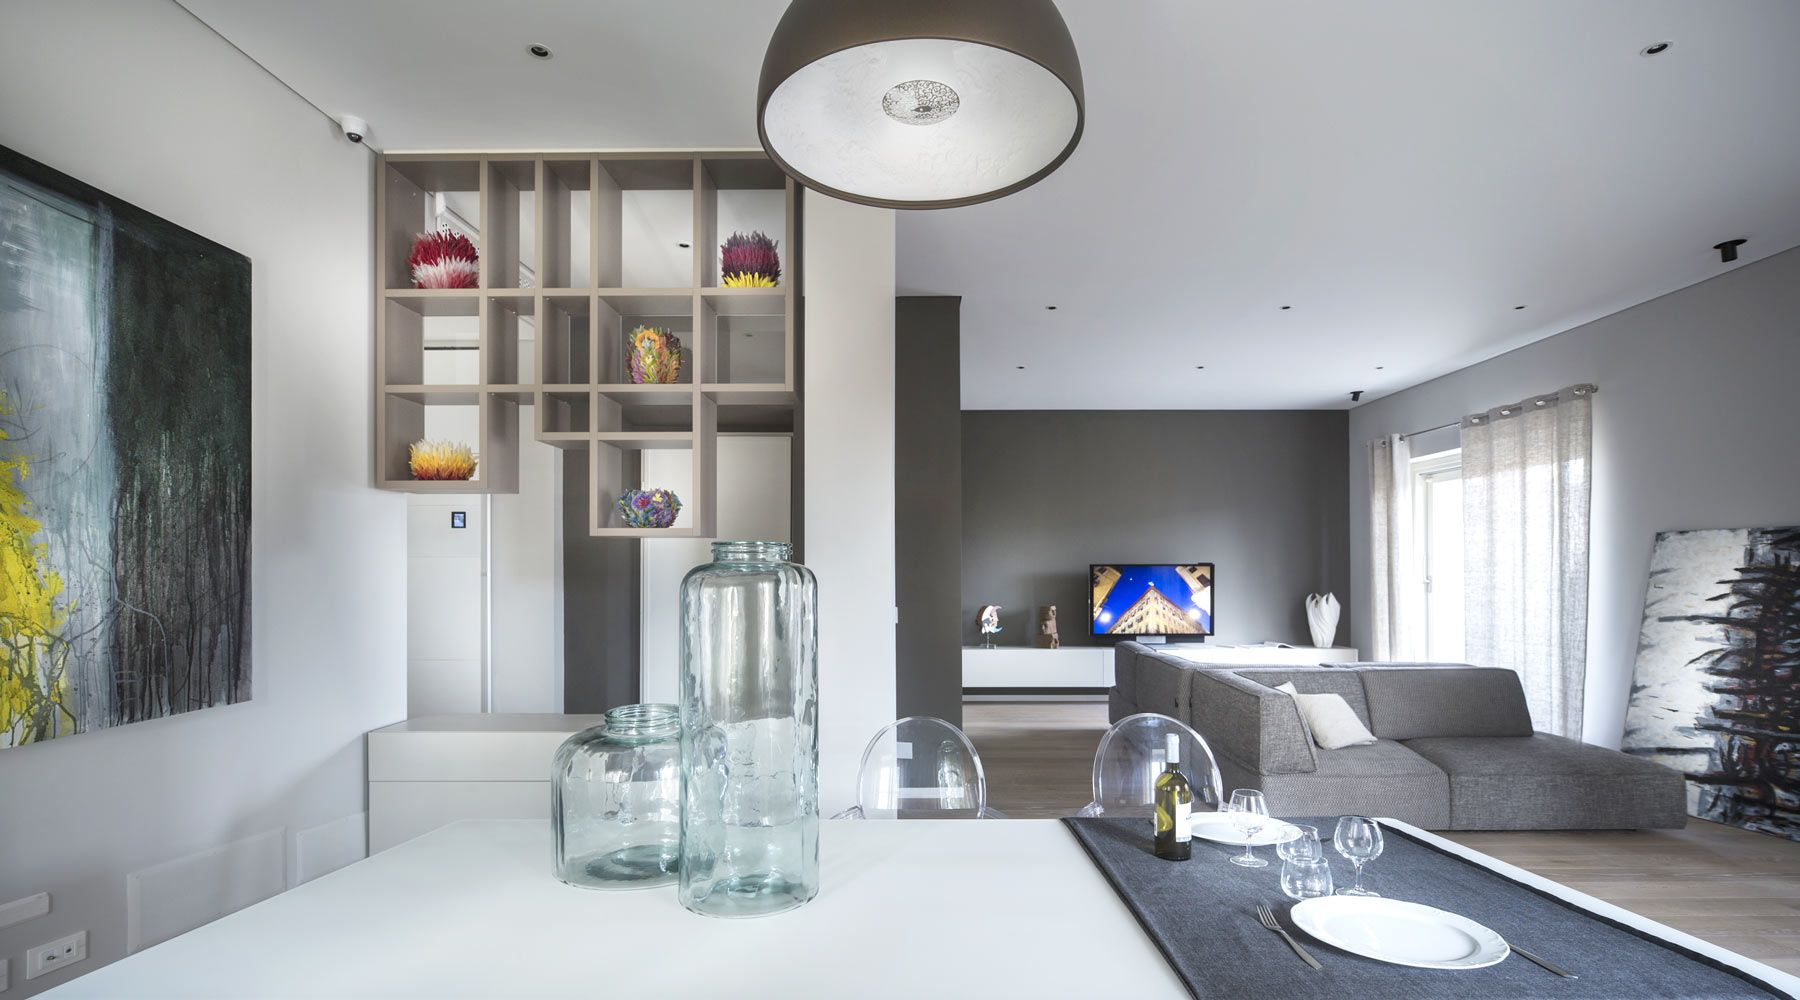 mobili per soggiorno moderno   office   pinterest   casa, cielo e ... - Mobili Per Soggiorno Moderni